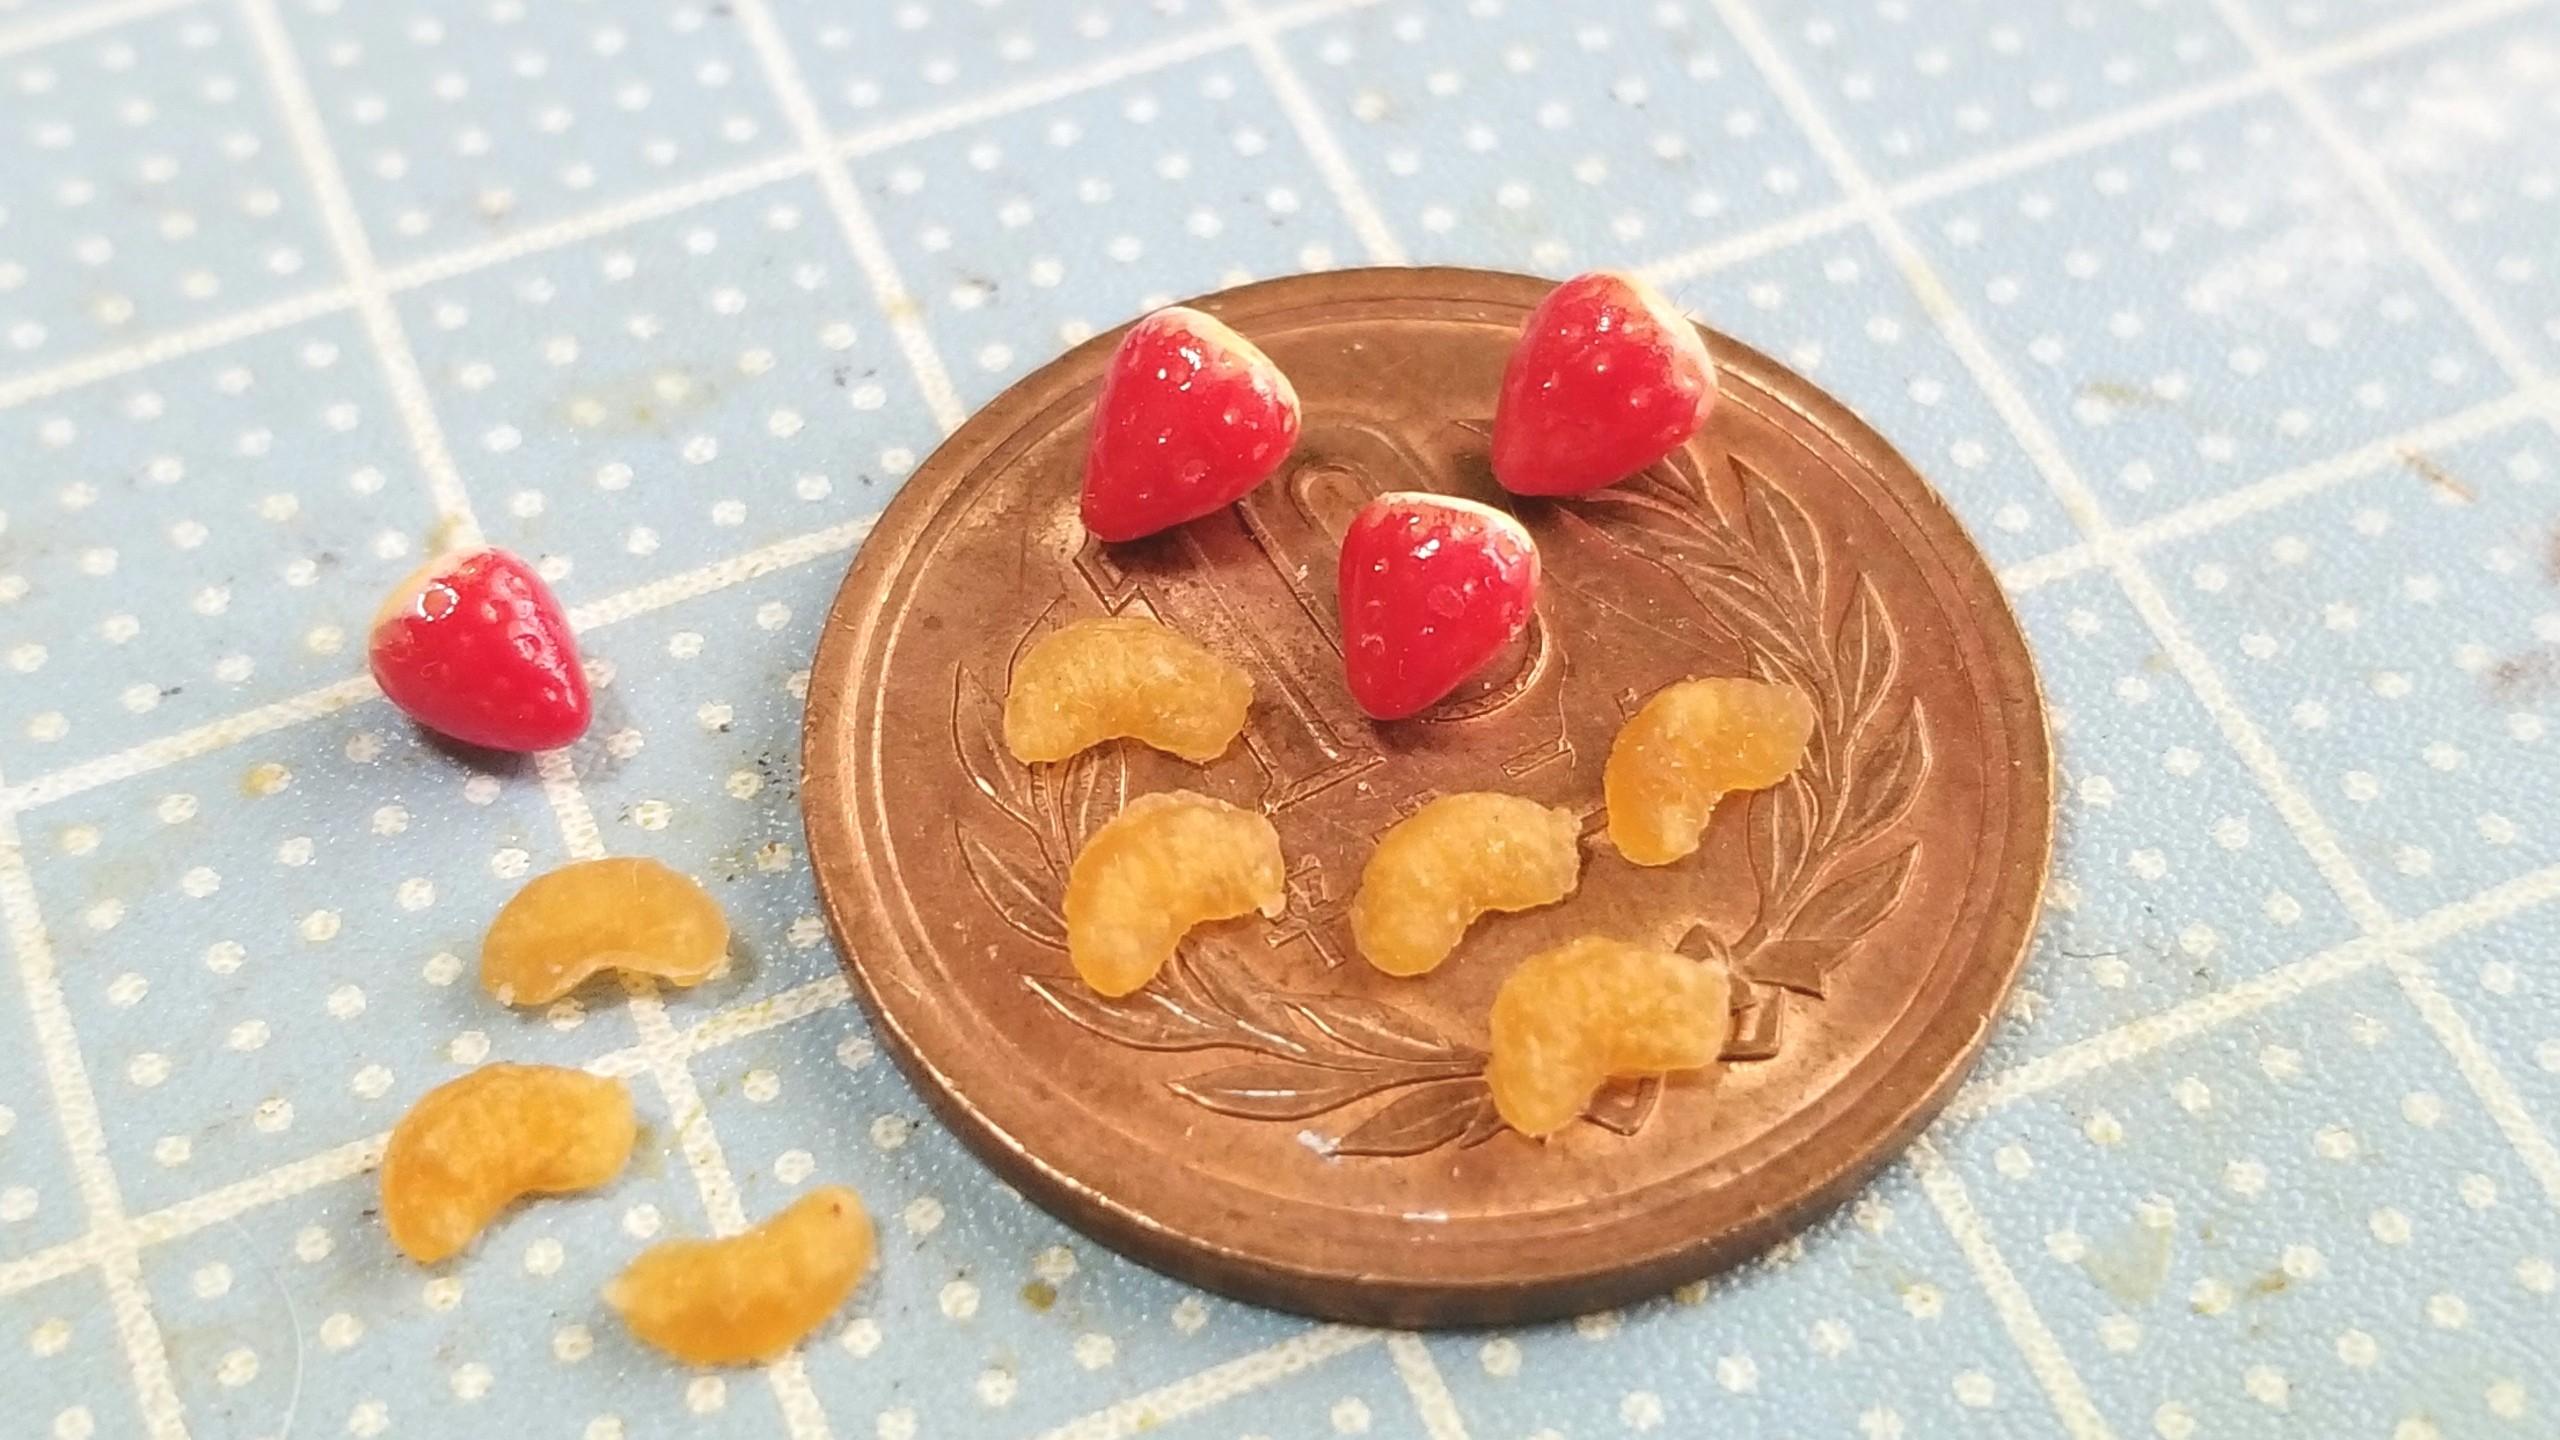 いちご,みかん,ミニチュアフード,樹脂粘土,カップケーキ,トッピング